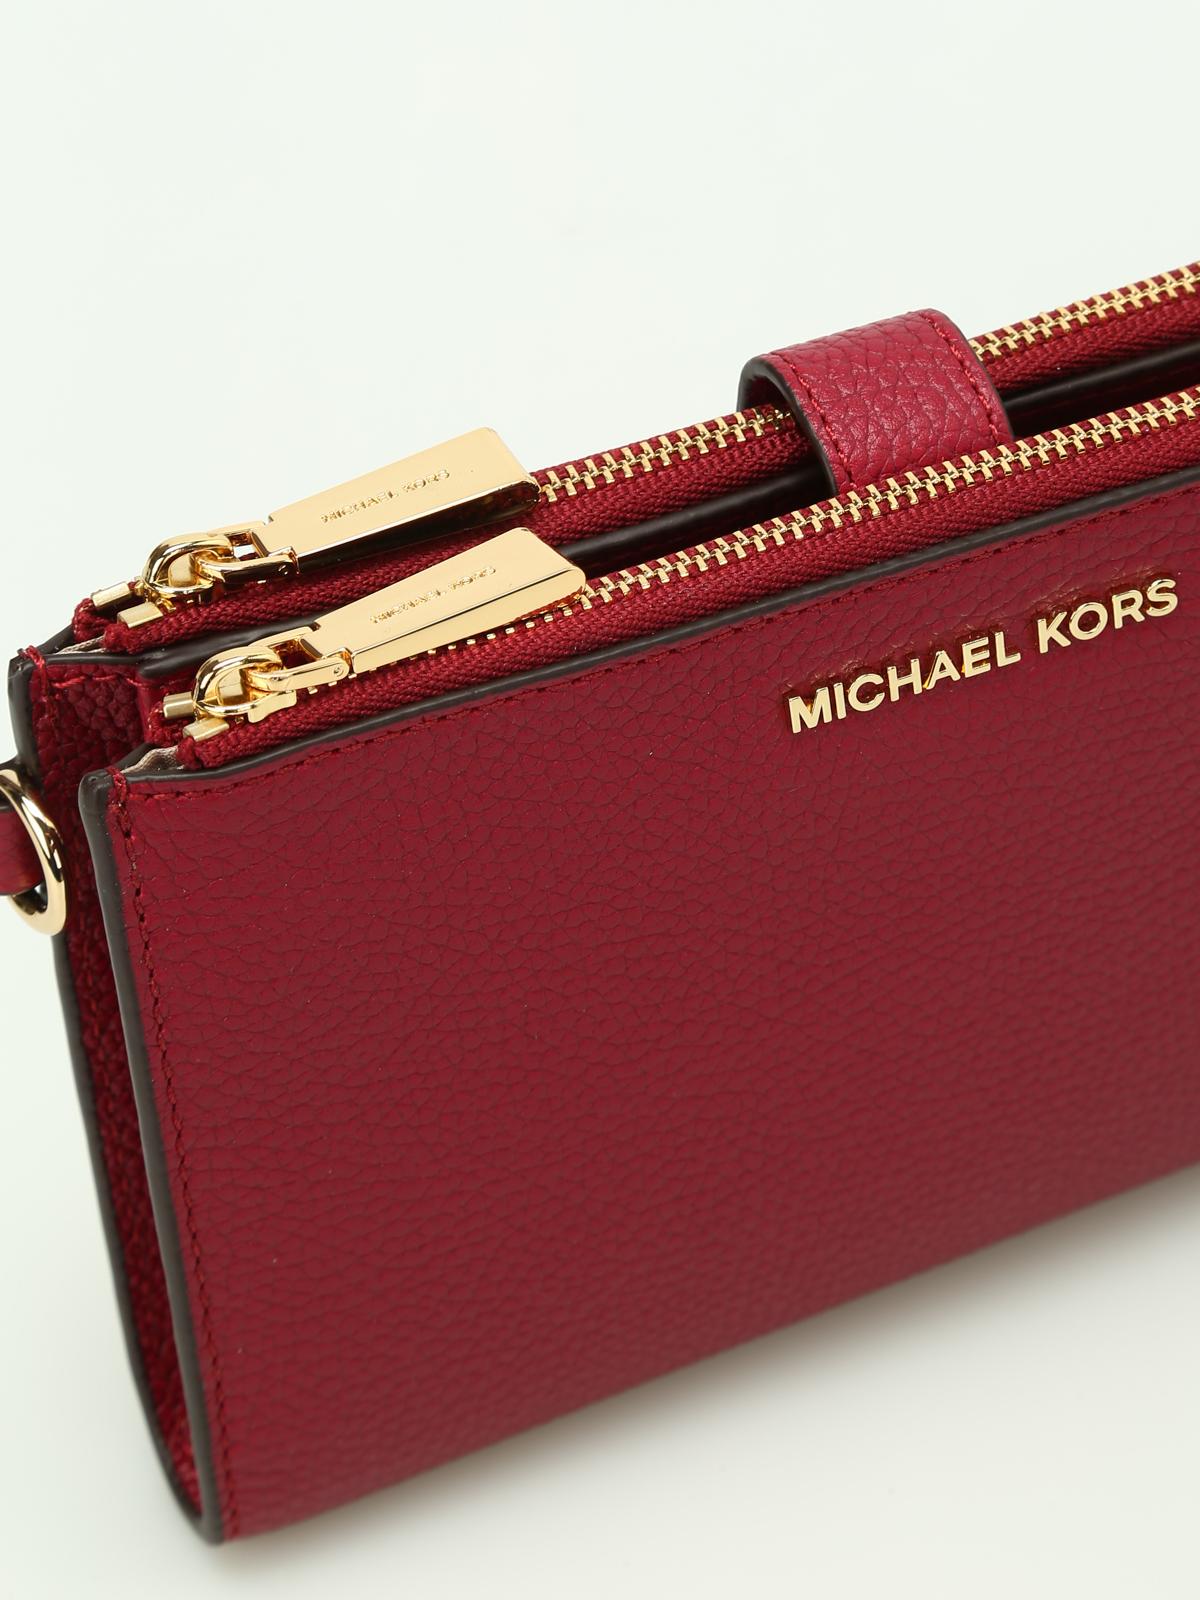 ecf0806e8f Michael Kors - Portafoglio Adele rosso gelso - portafogli ...